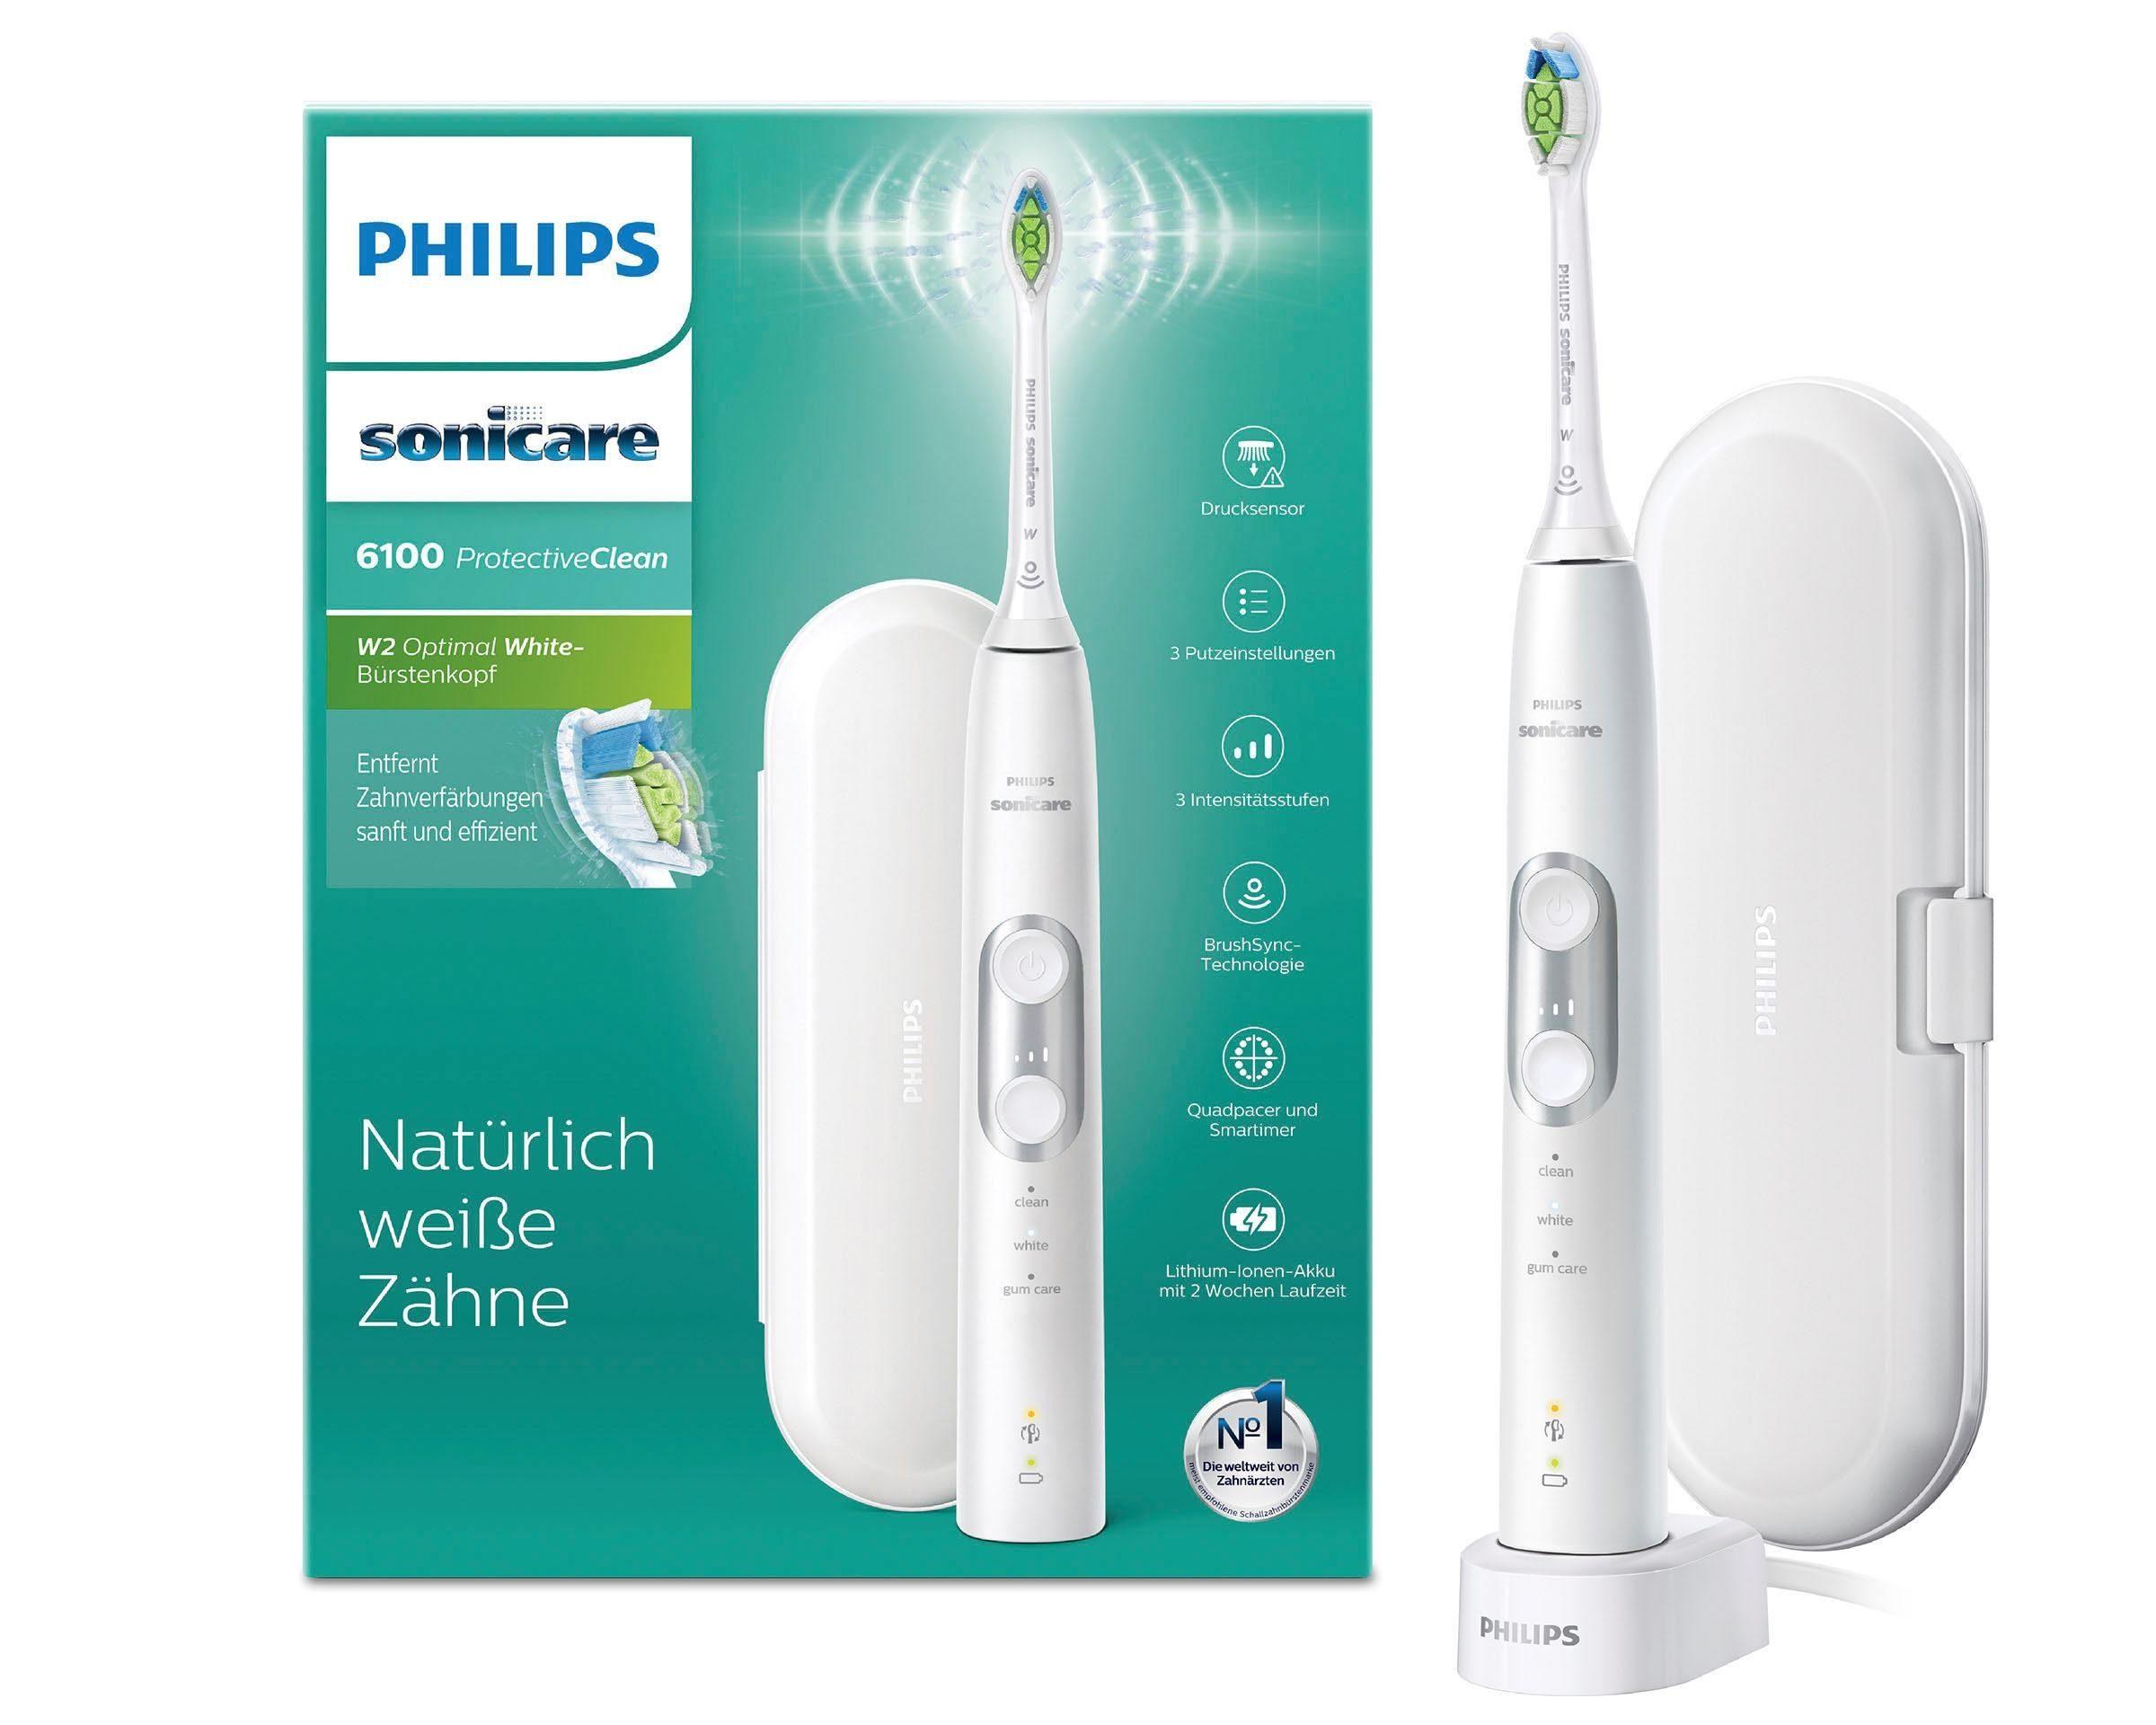 Philips Sonicare Schallzahnbürste HX6877/28 ProtectiveClean 6100, Aufsteckbürsten: 1 St., mit 3 Putzprogrammen inkl. Reiseetui & Ladegerät